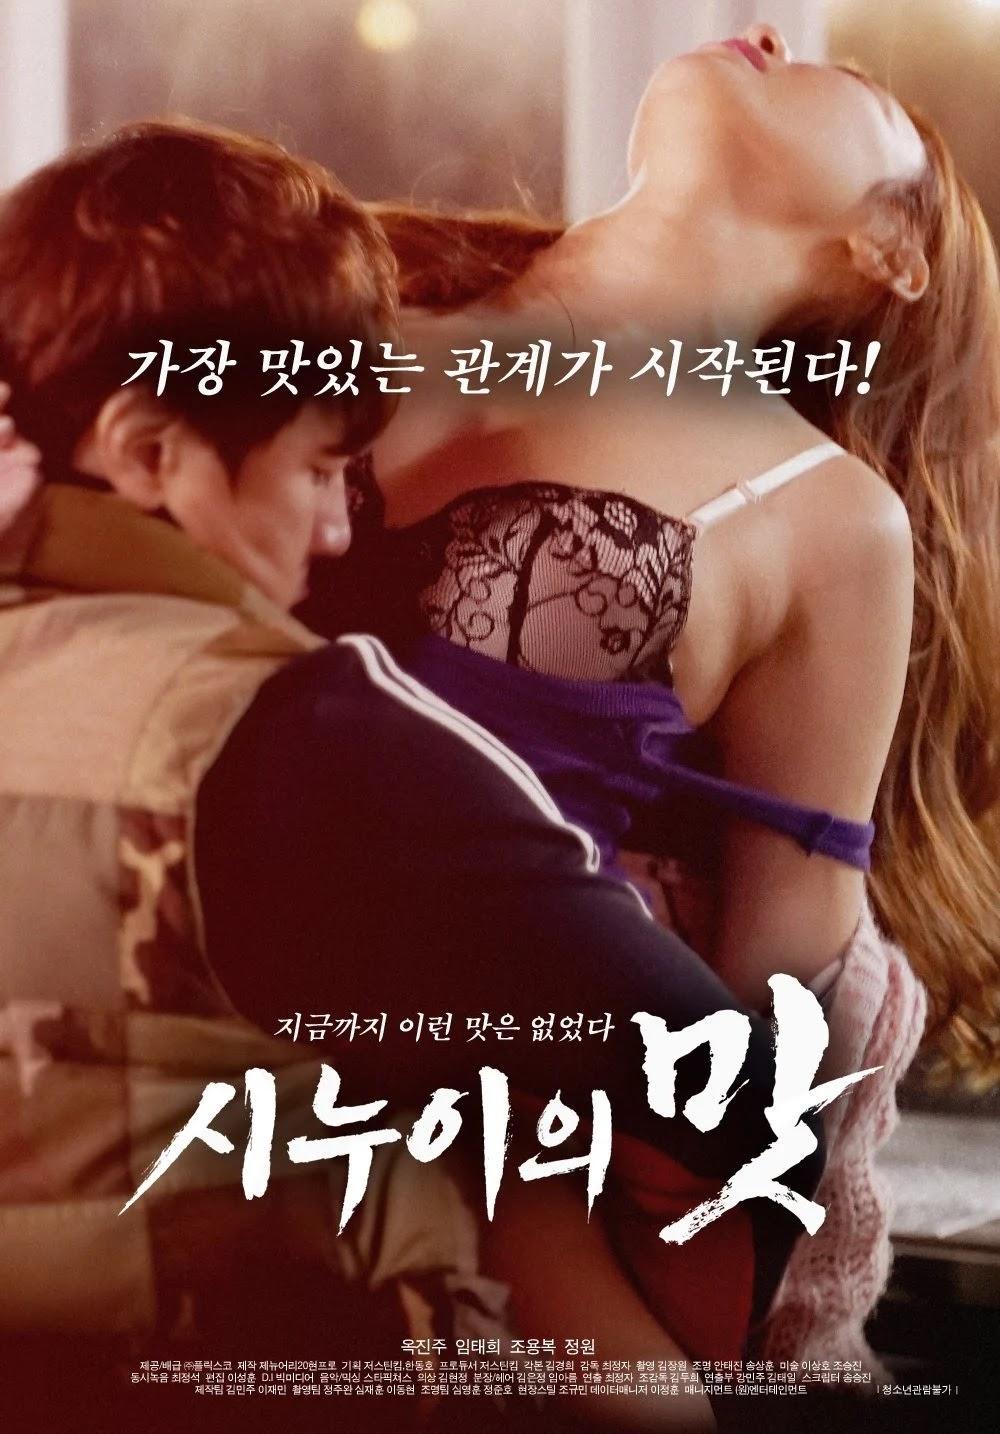 Sister in laws Taste Full Korea 18+ Adult Movie Online Free